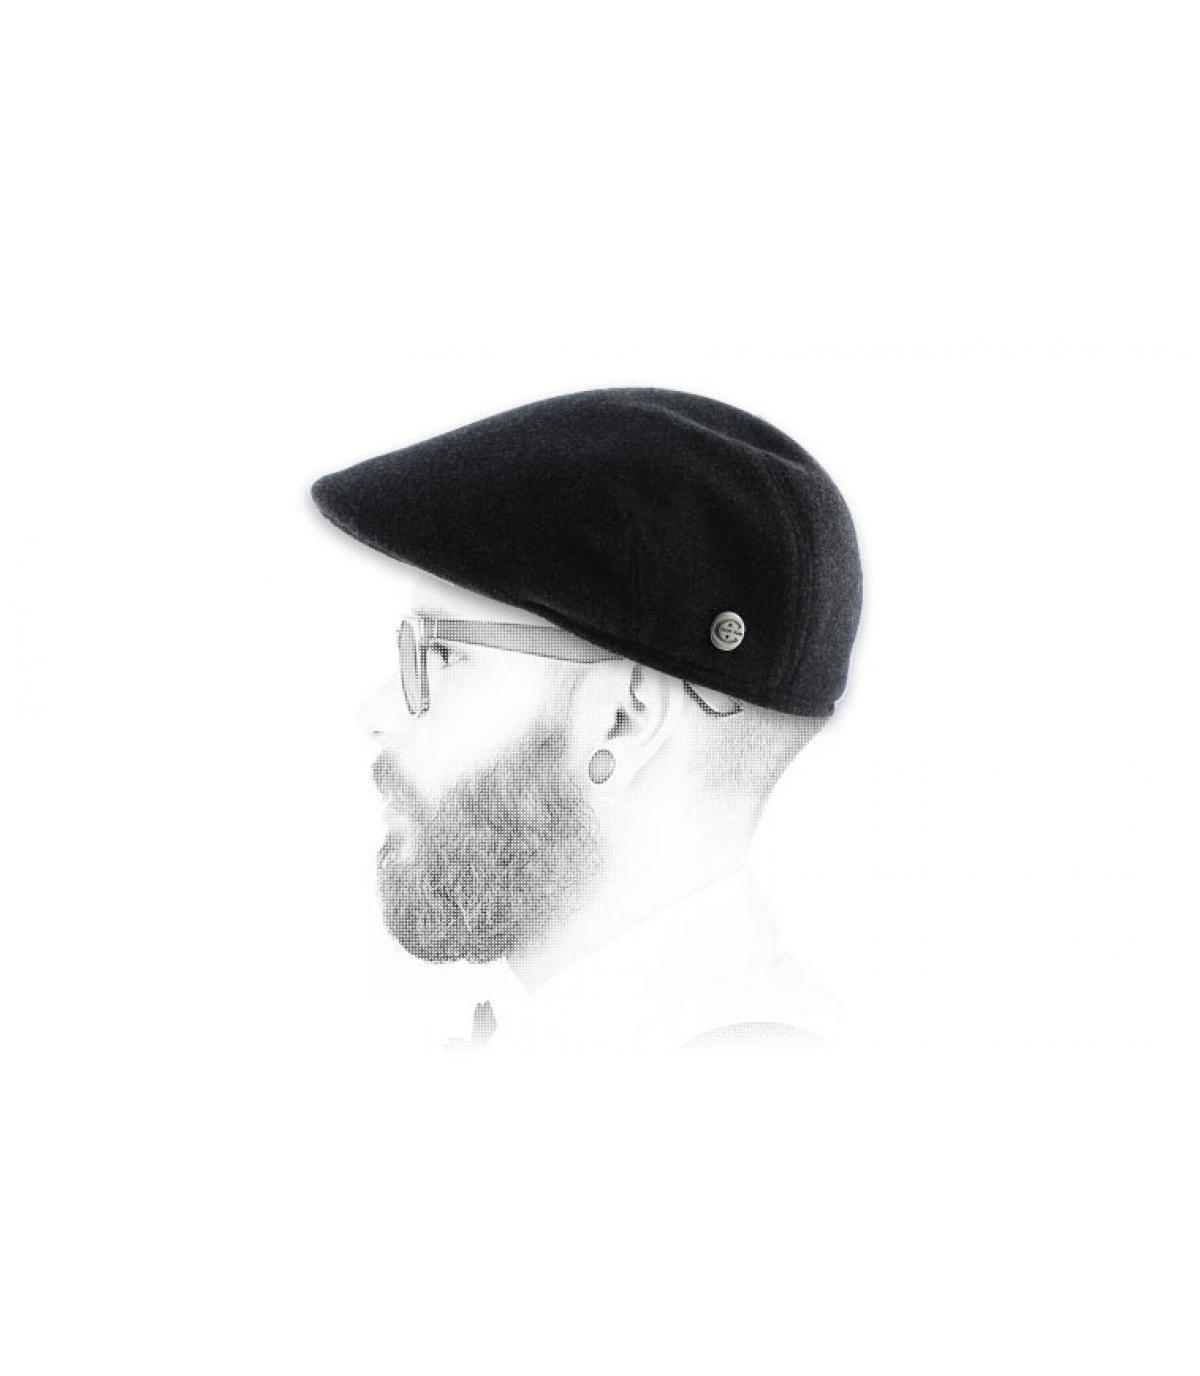 Barett grau mit Ohrenschutz Ohrenklappen